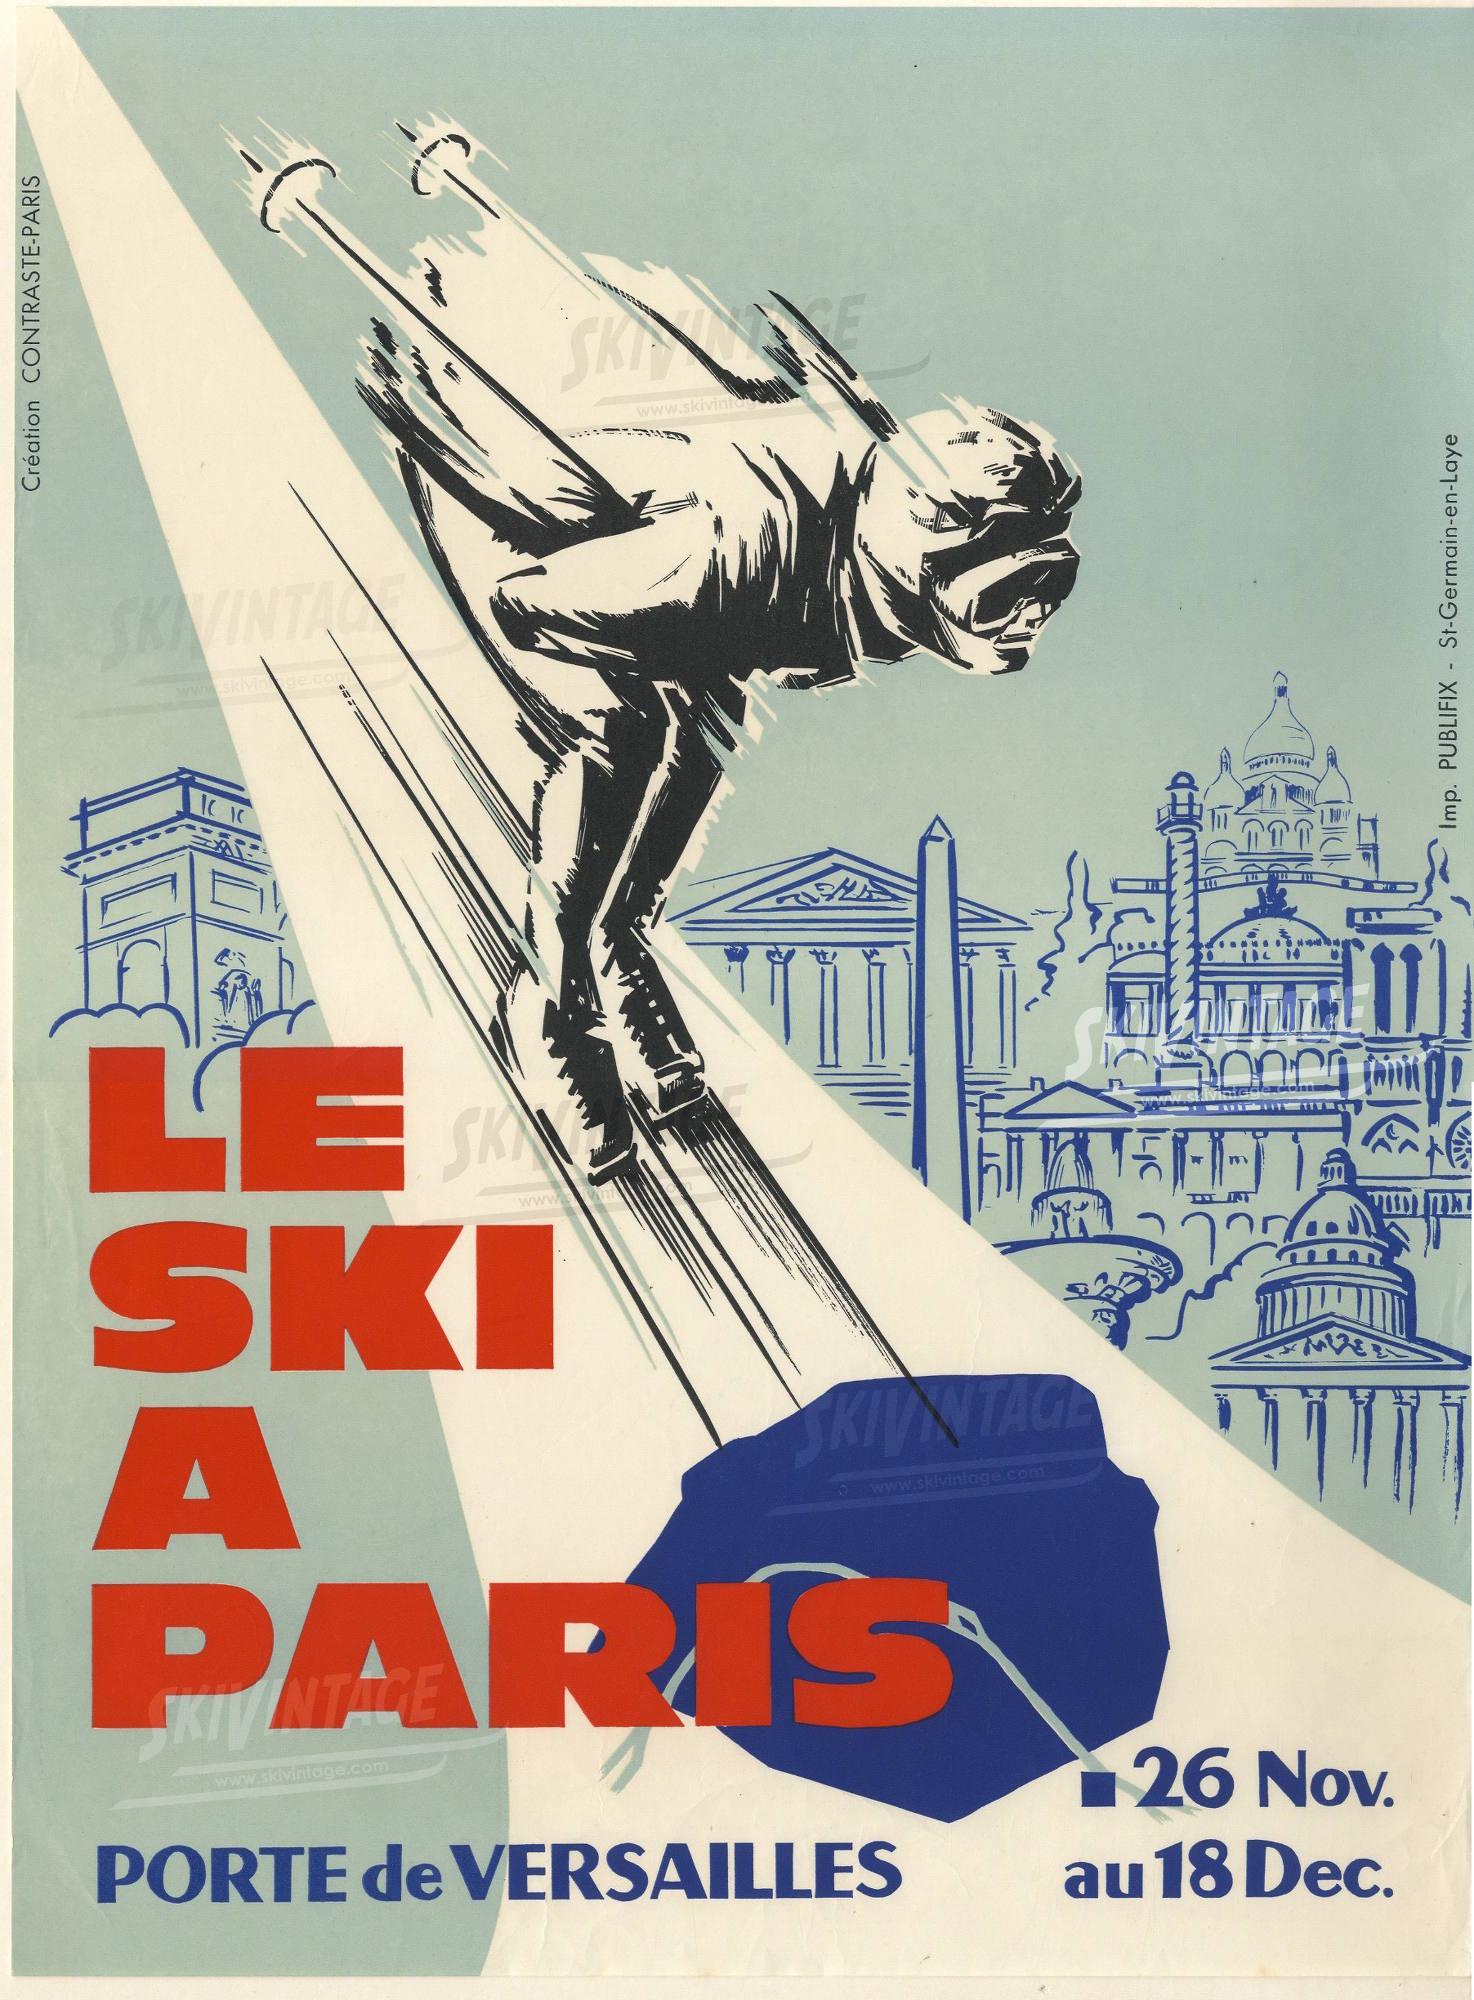 le ski paris porte de versailles affiche pub originale des ann es 60. Black Bedroom Furniture Sets. Home Design Ideas